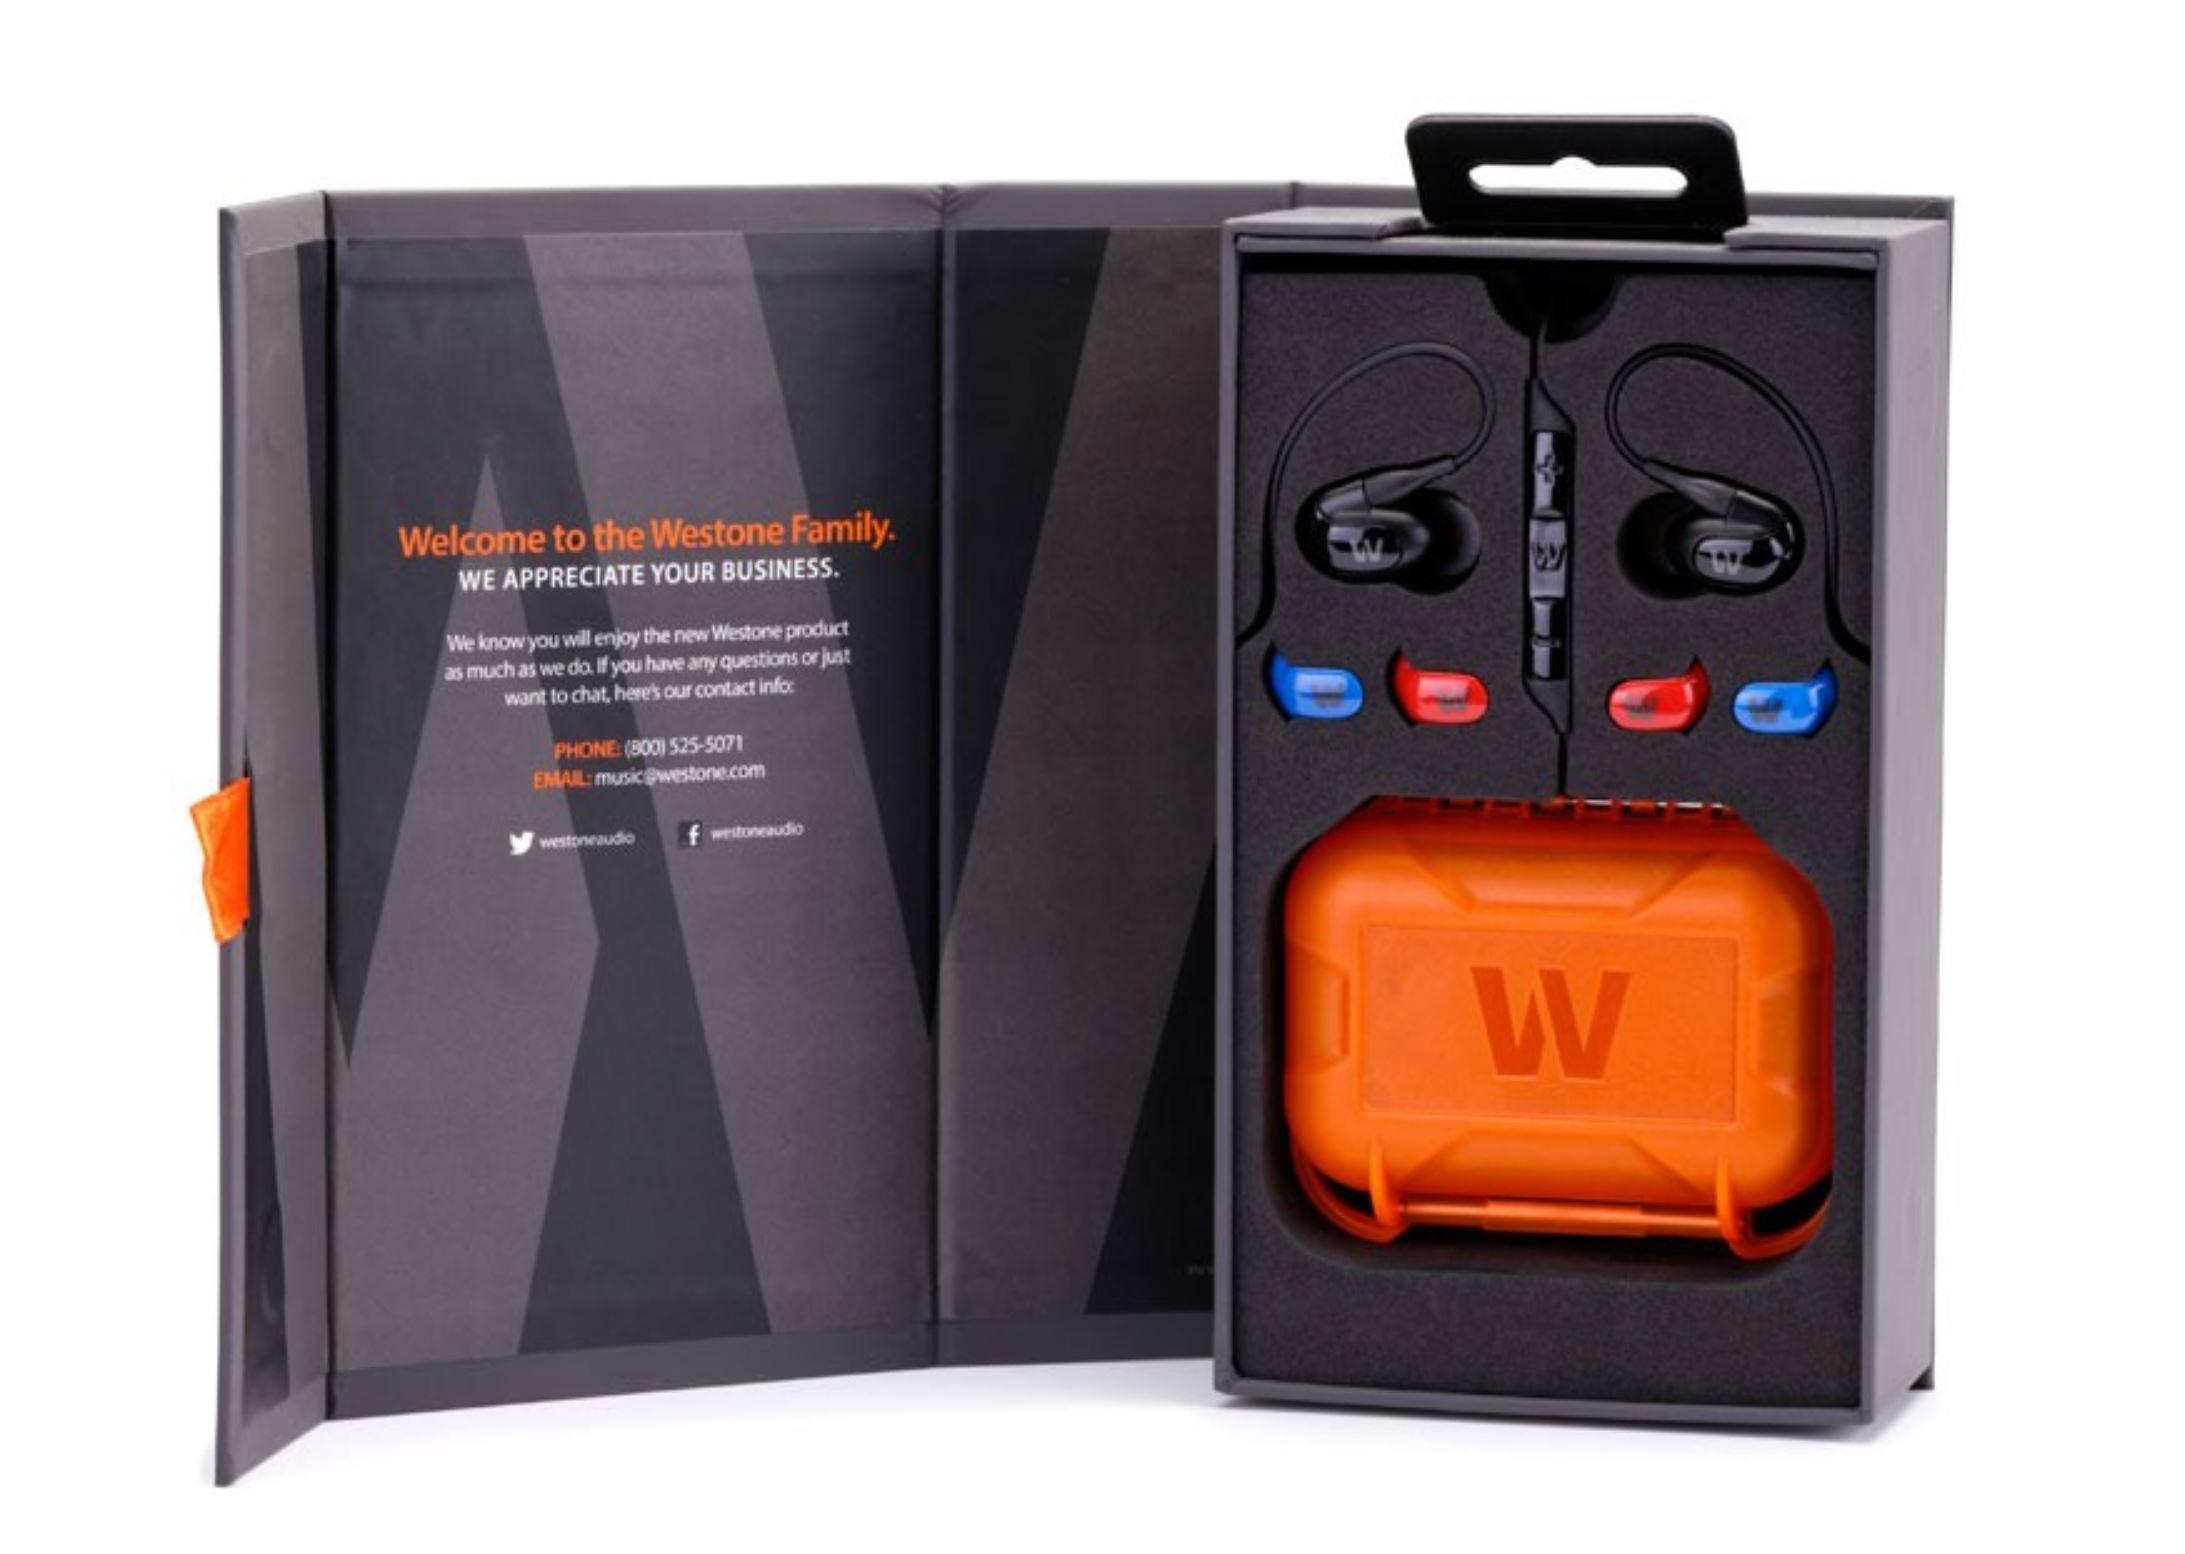 Westone-w10-review-2.JPG